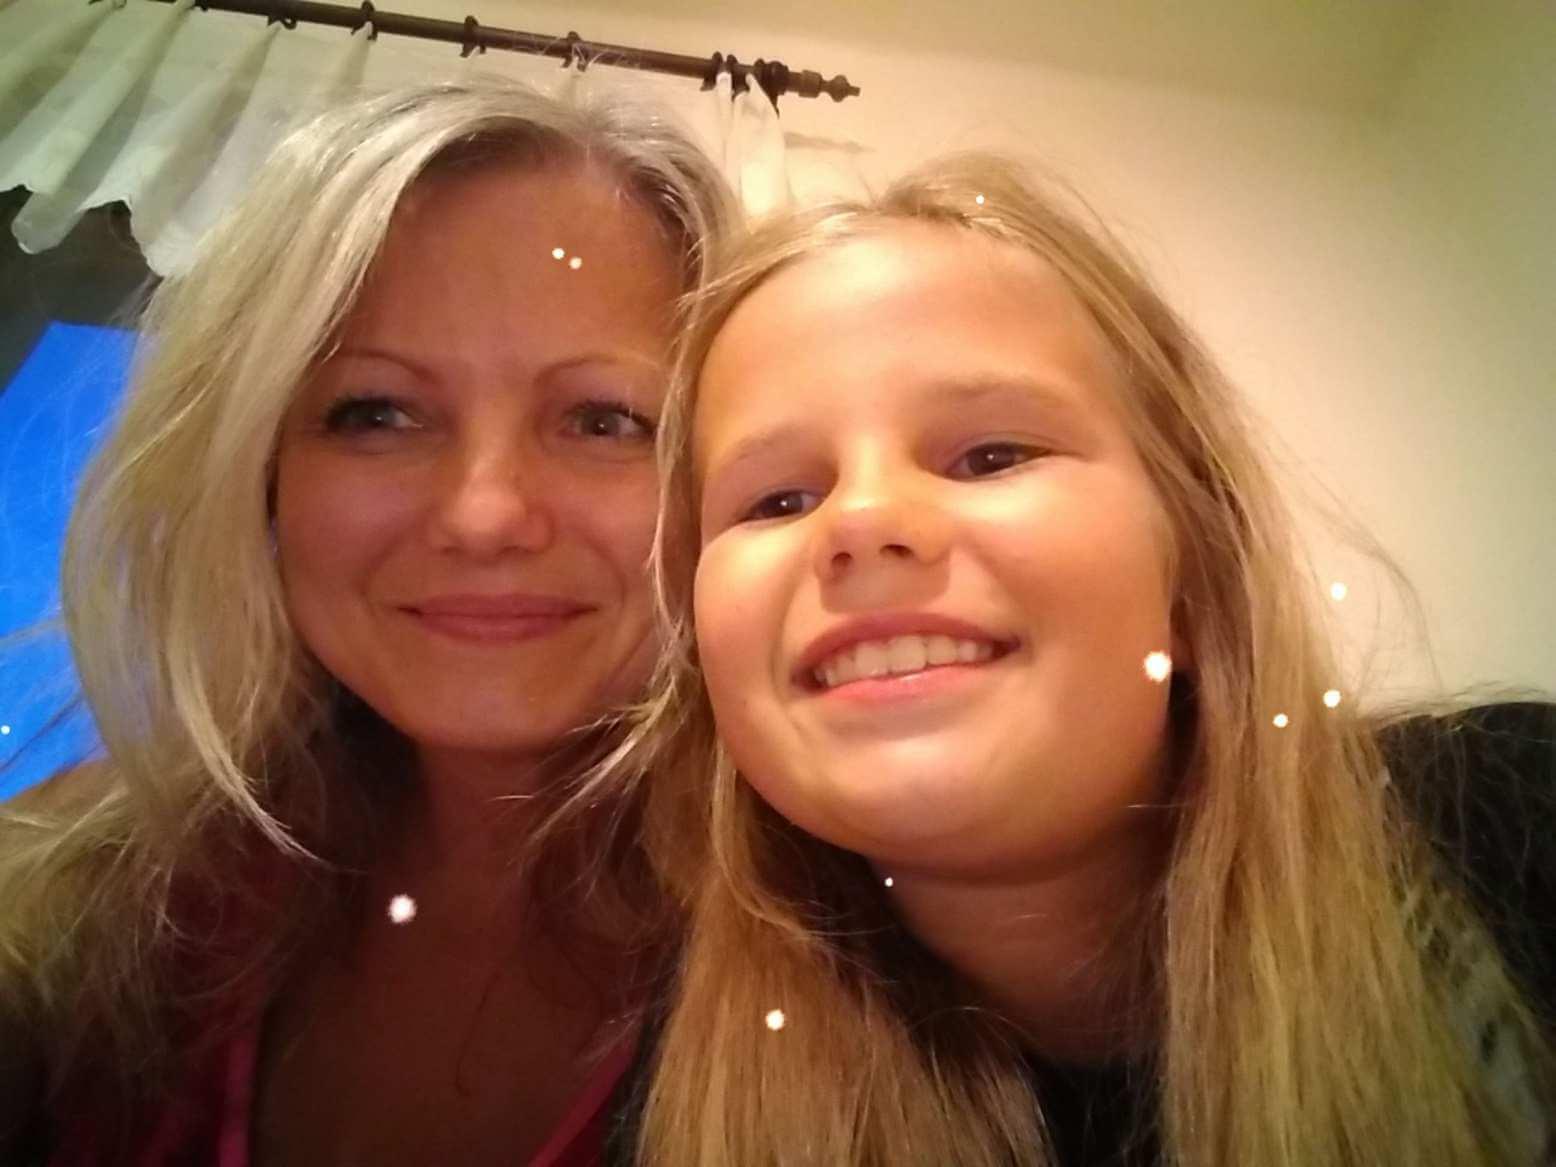 Dcéra s ekzémom